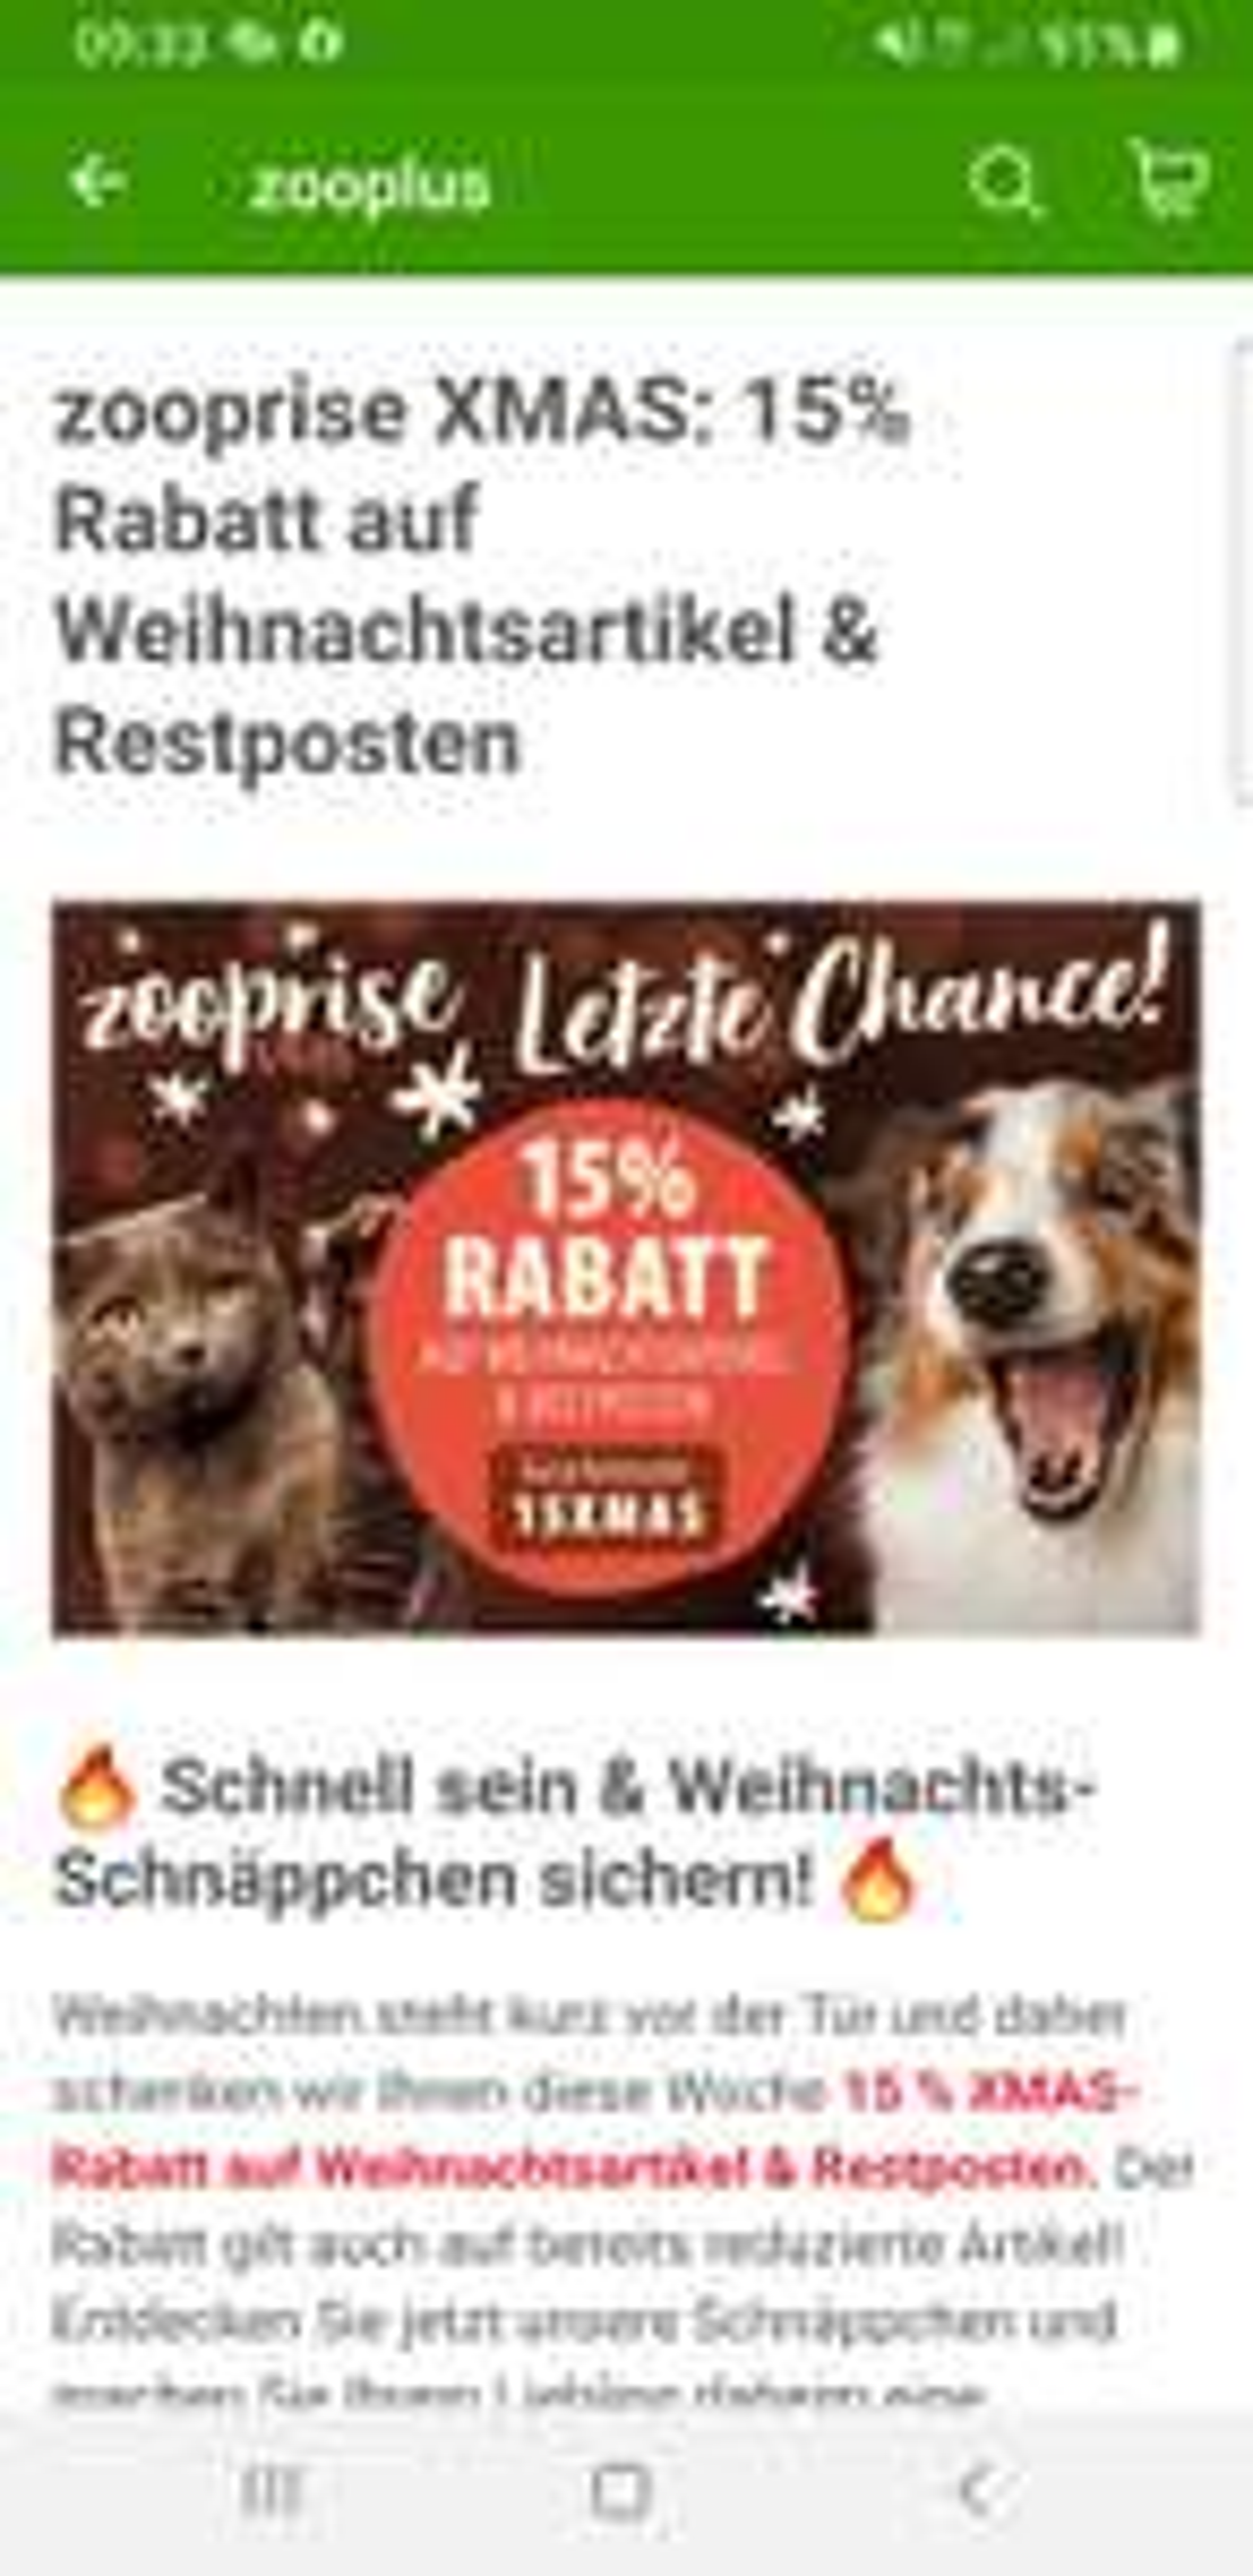 15 % XMAS-Rabatt auf Weihnachtsartikel & Restposten bei zooplus.de